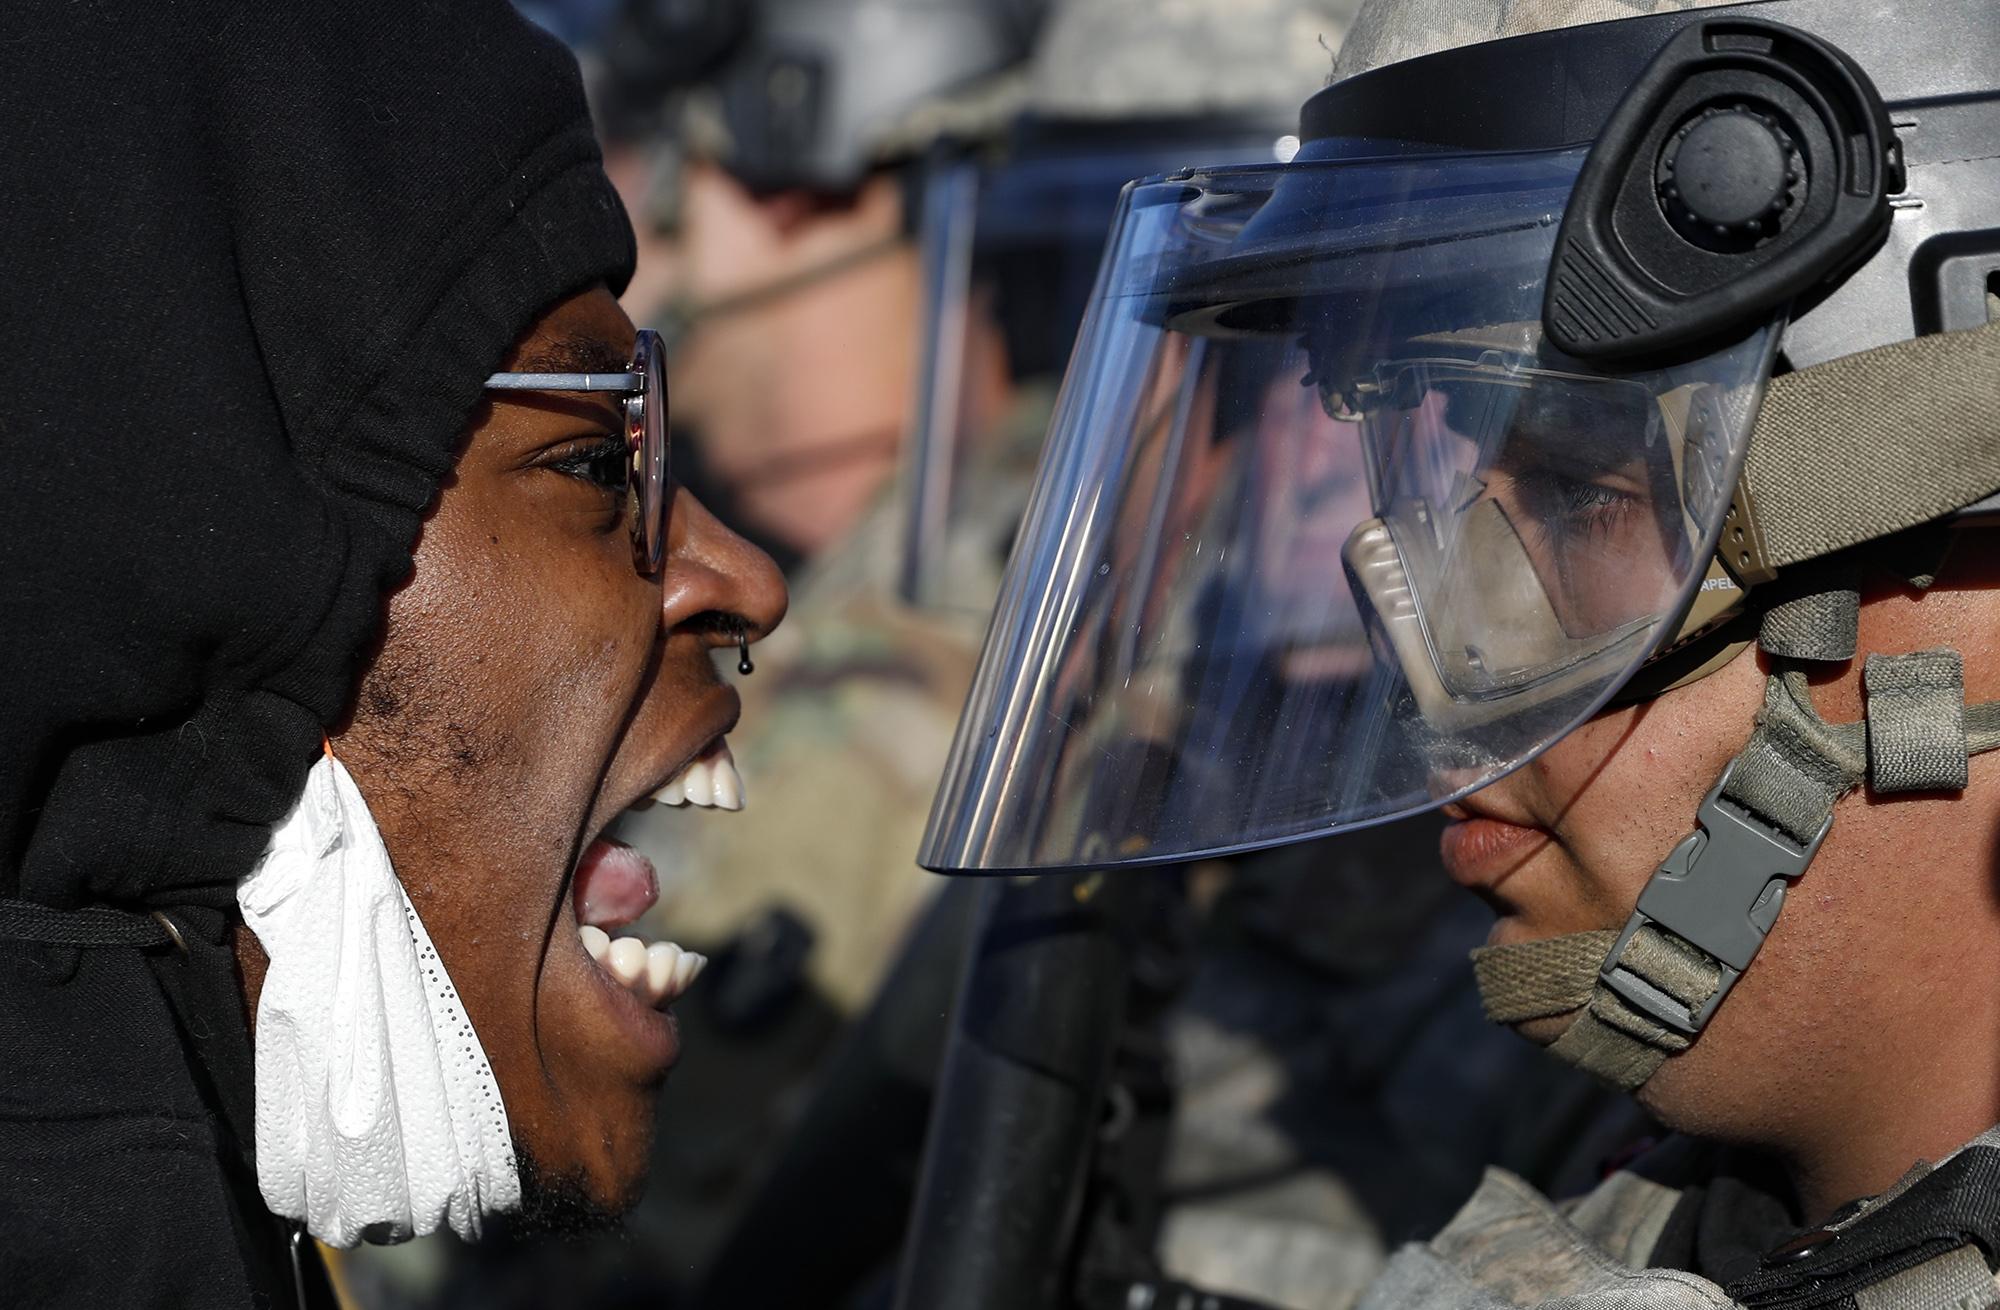 Протестующий ибоец Национальной гвардии вгороде Сент-Пол, штат Миннесота, 29 мая